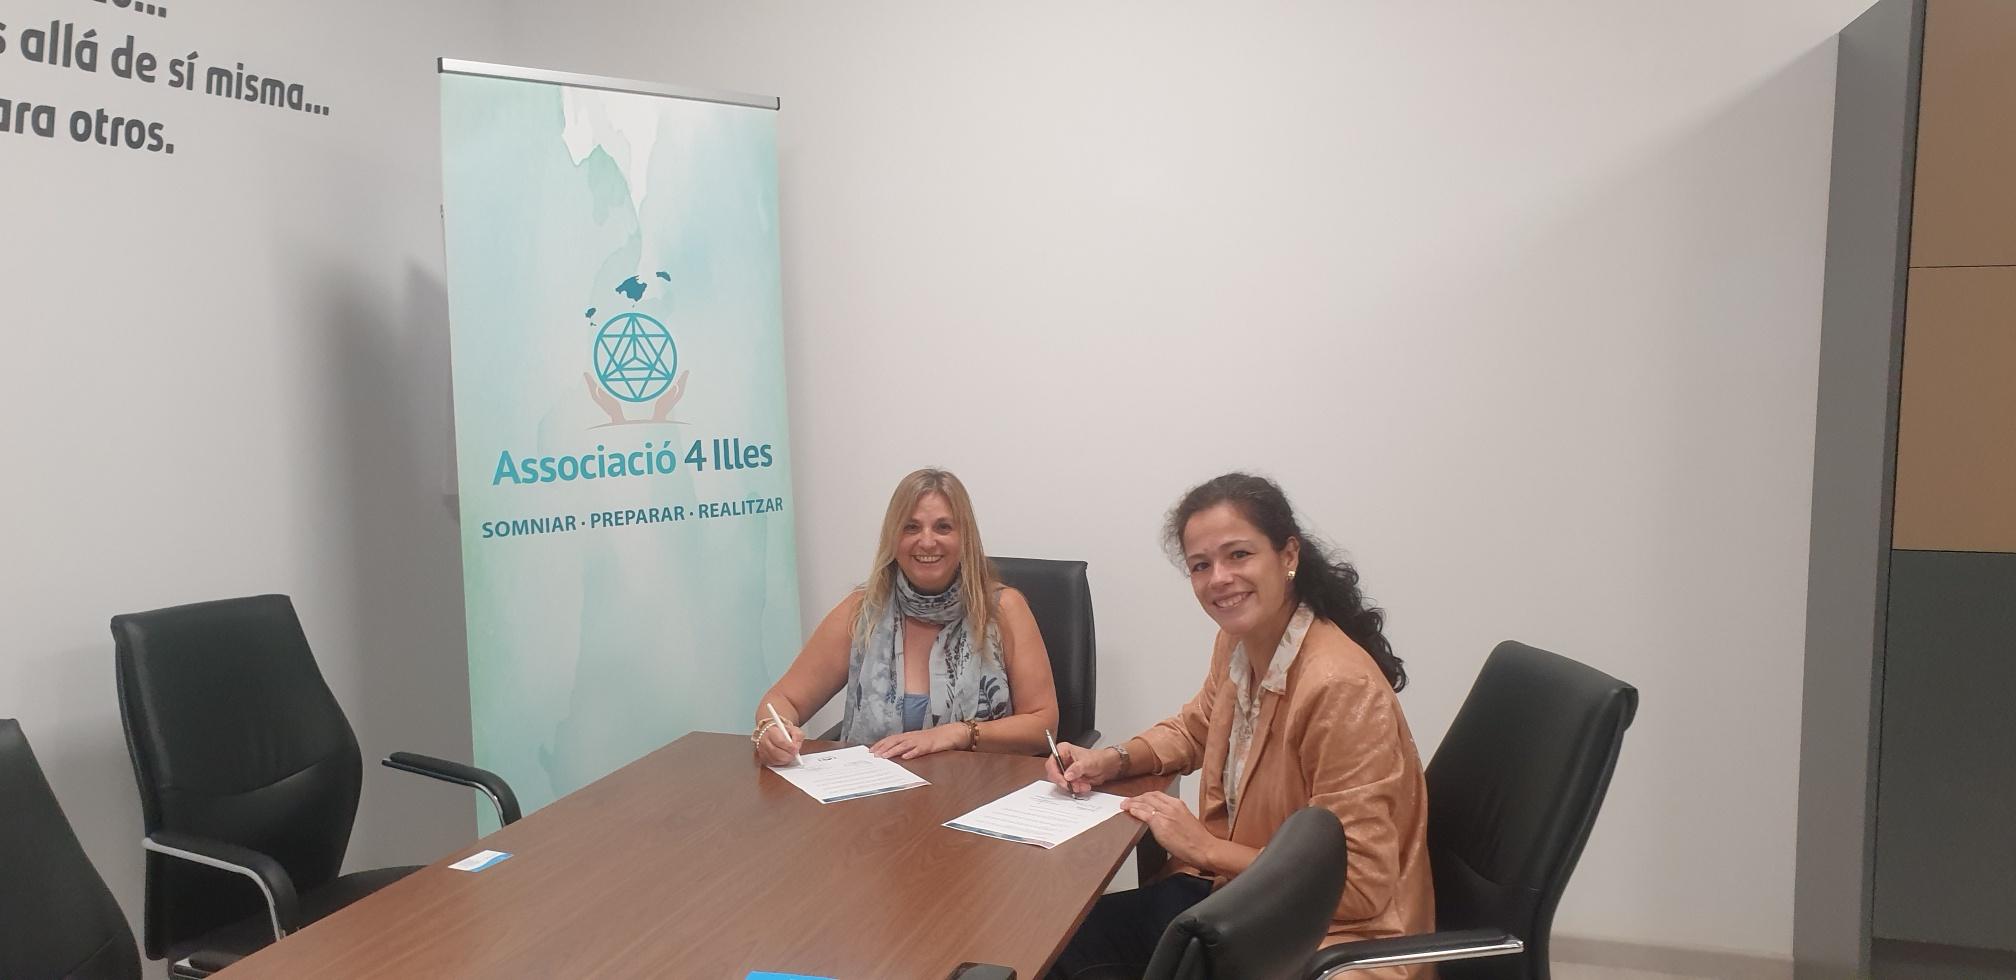 Acuerdo asociación 4 ISLAS